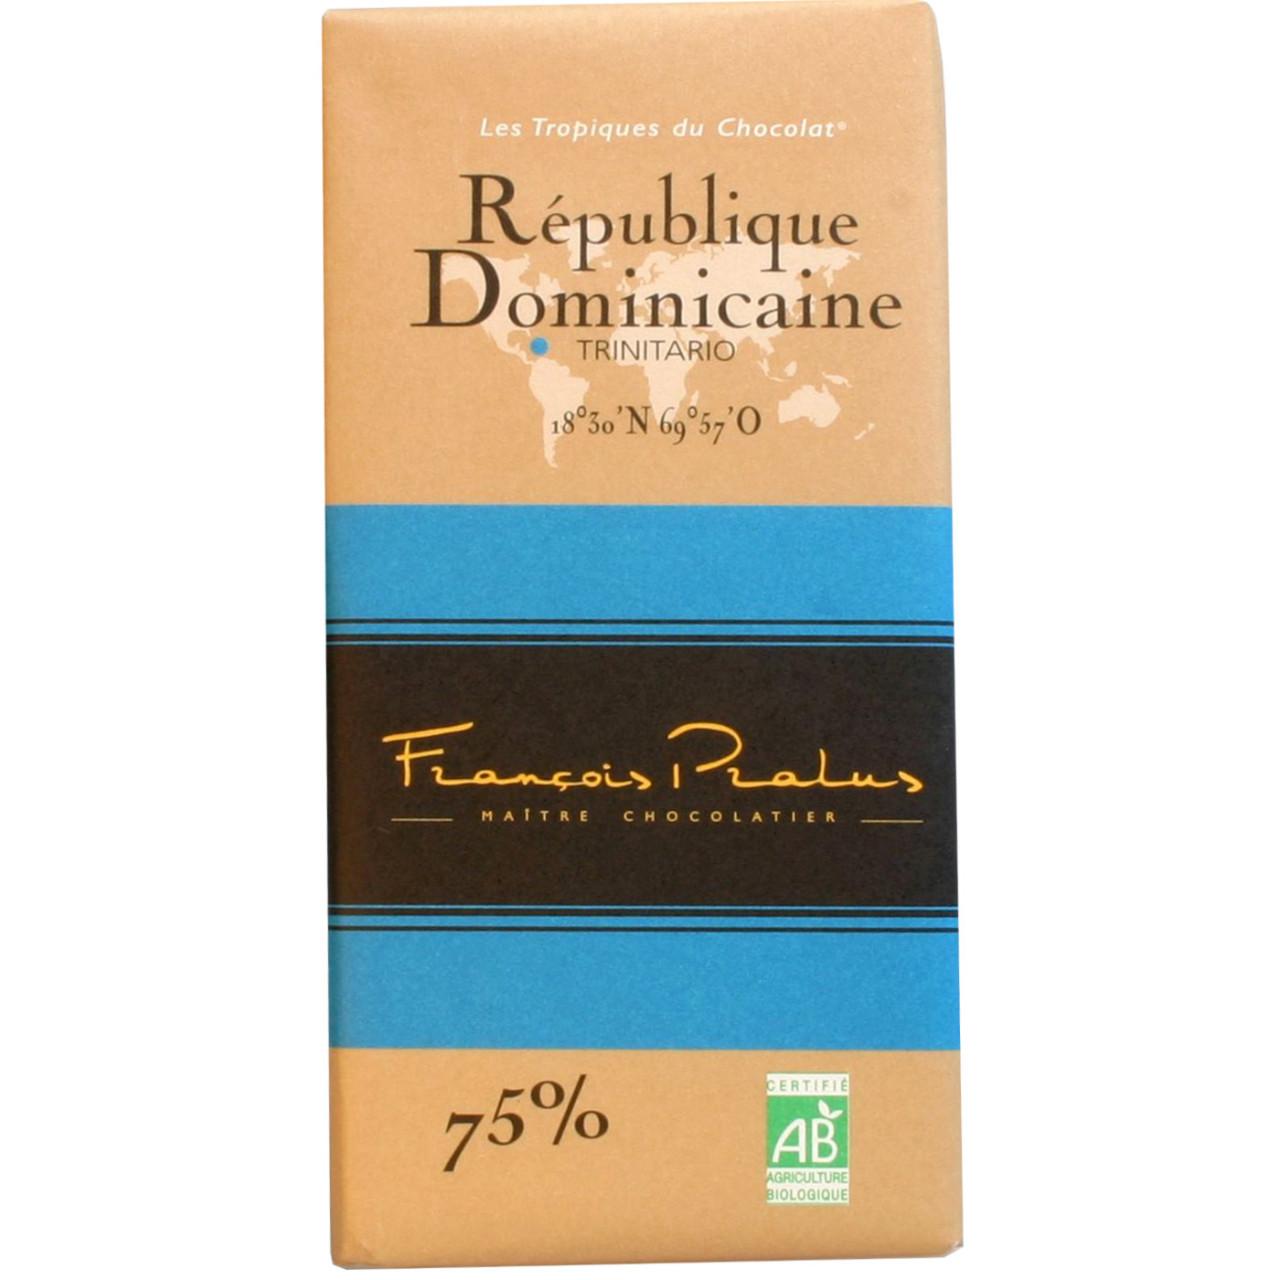 dunkle Schokolade, 75%, Domenikanische Republik, Trinitario, dark chocolate, chocolat noir, Herkunftsschokolade, Single Origin, Bean to Bar Schokolade